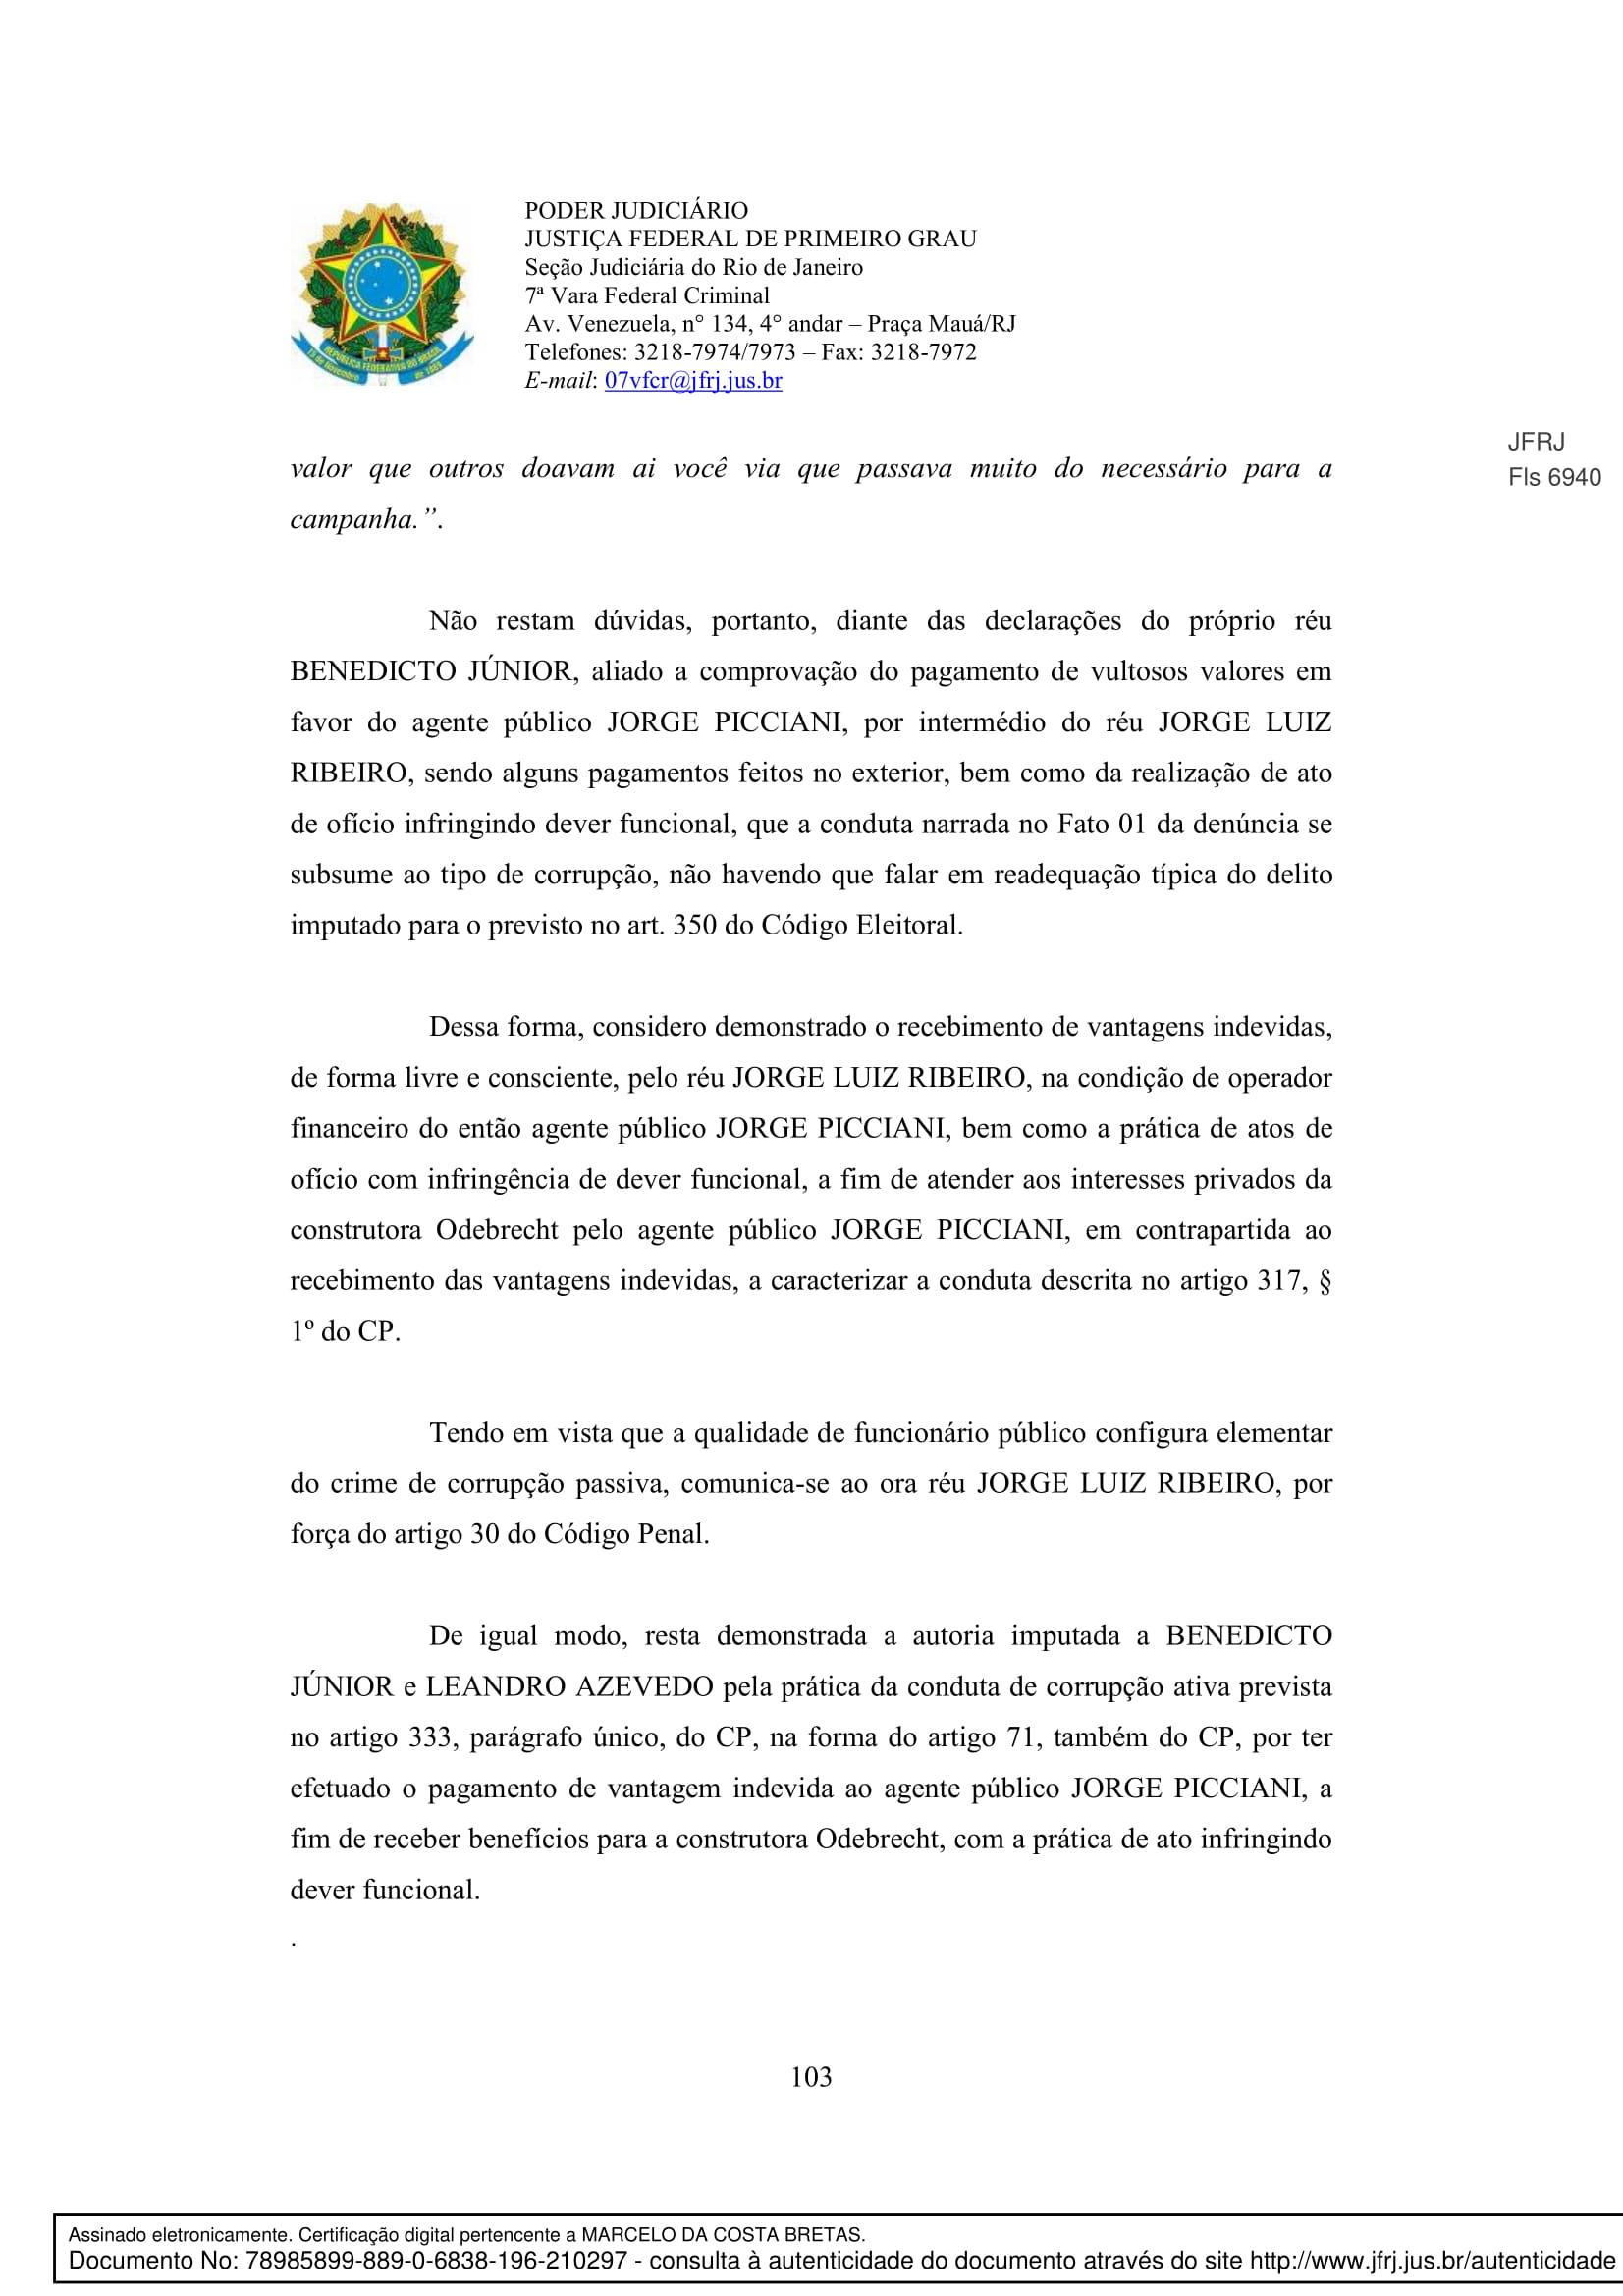 Sentenca-Cadeia-Velha-7VFC-103